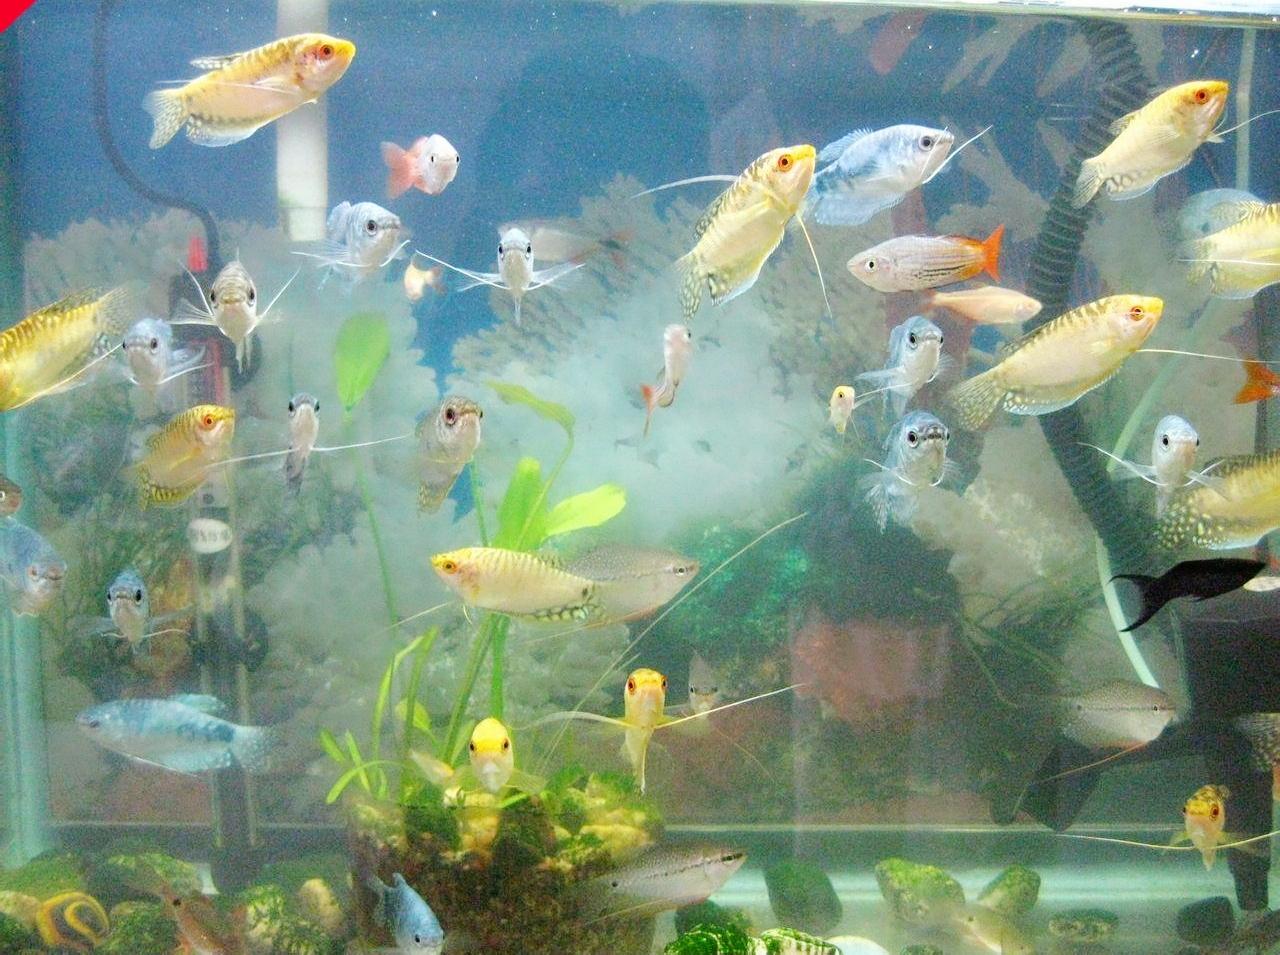 水族箱里吐泡泡的观赏鱼,丽丽鱼